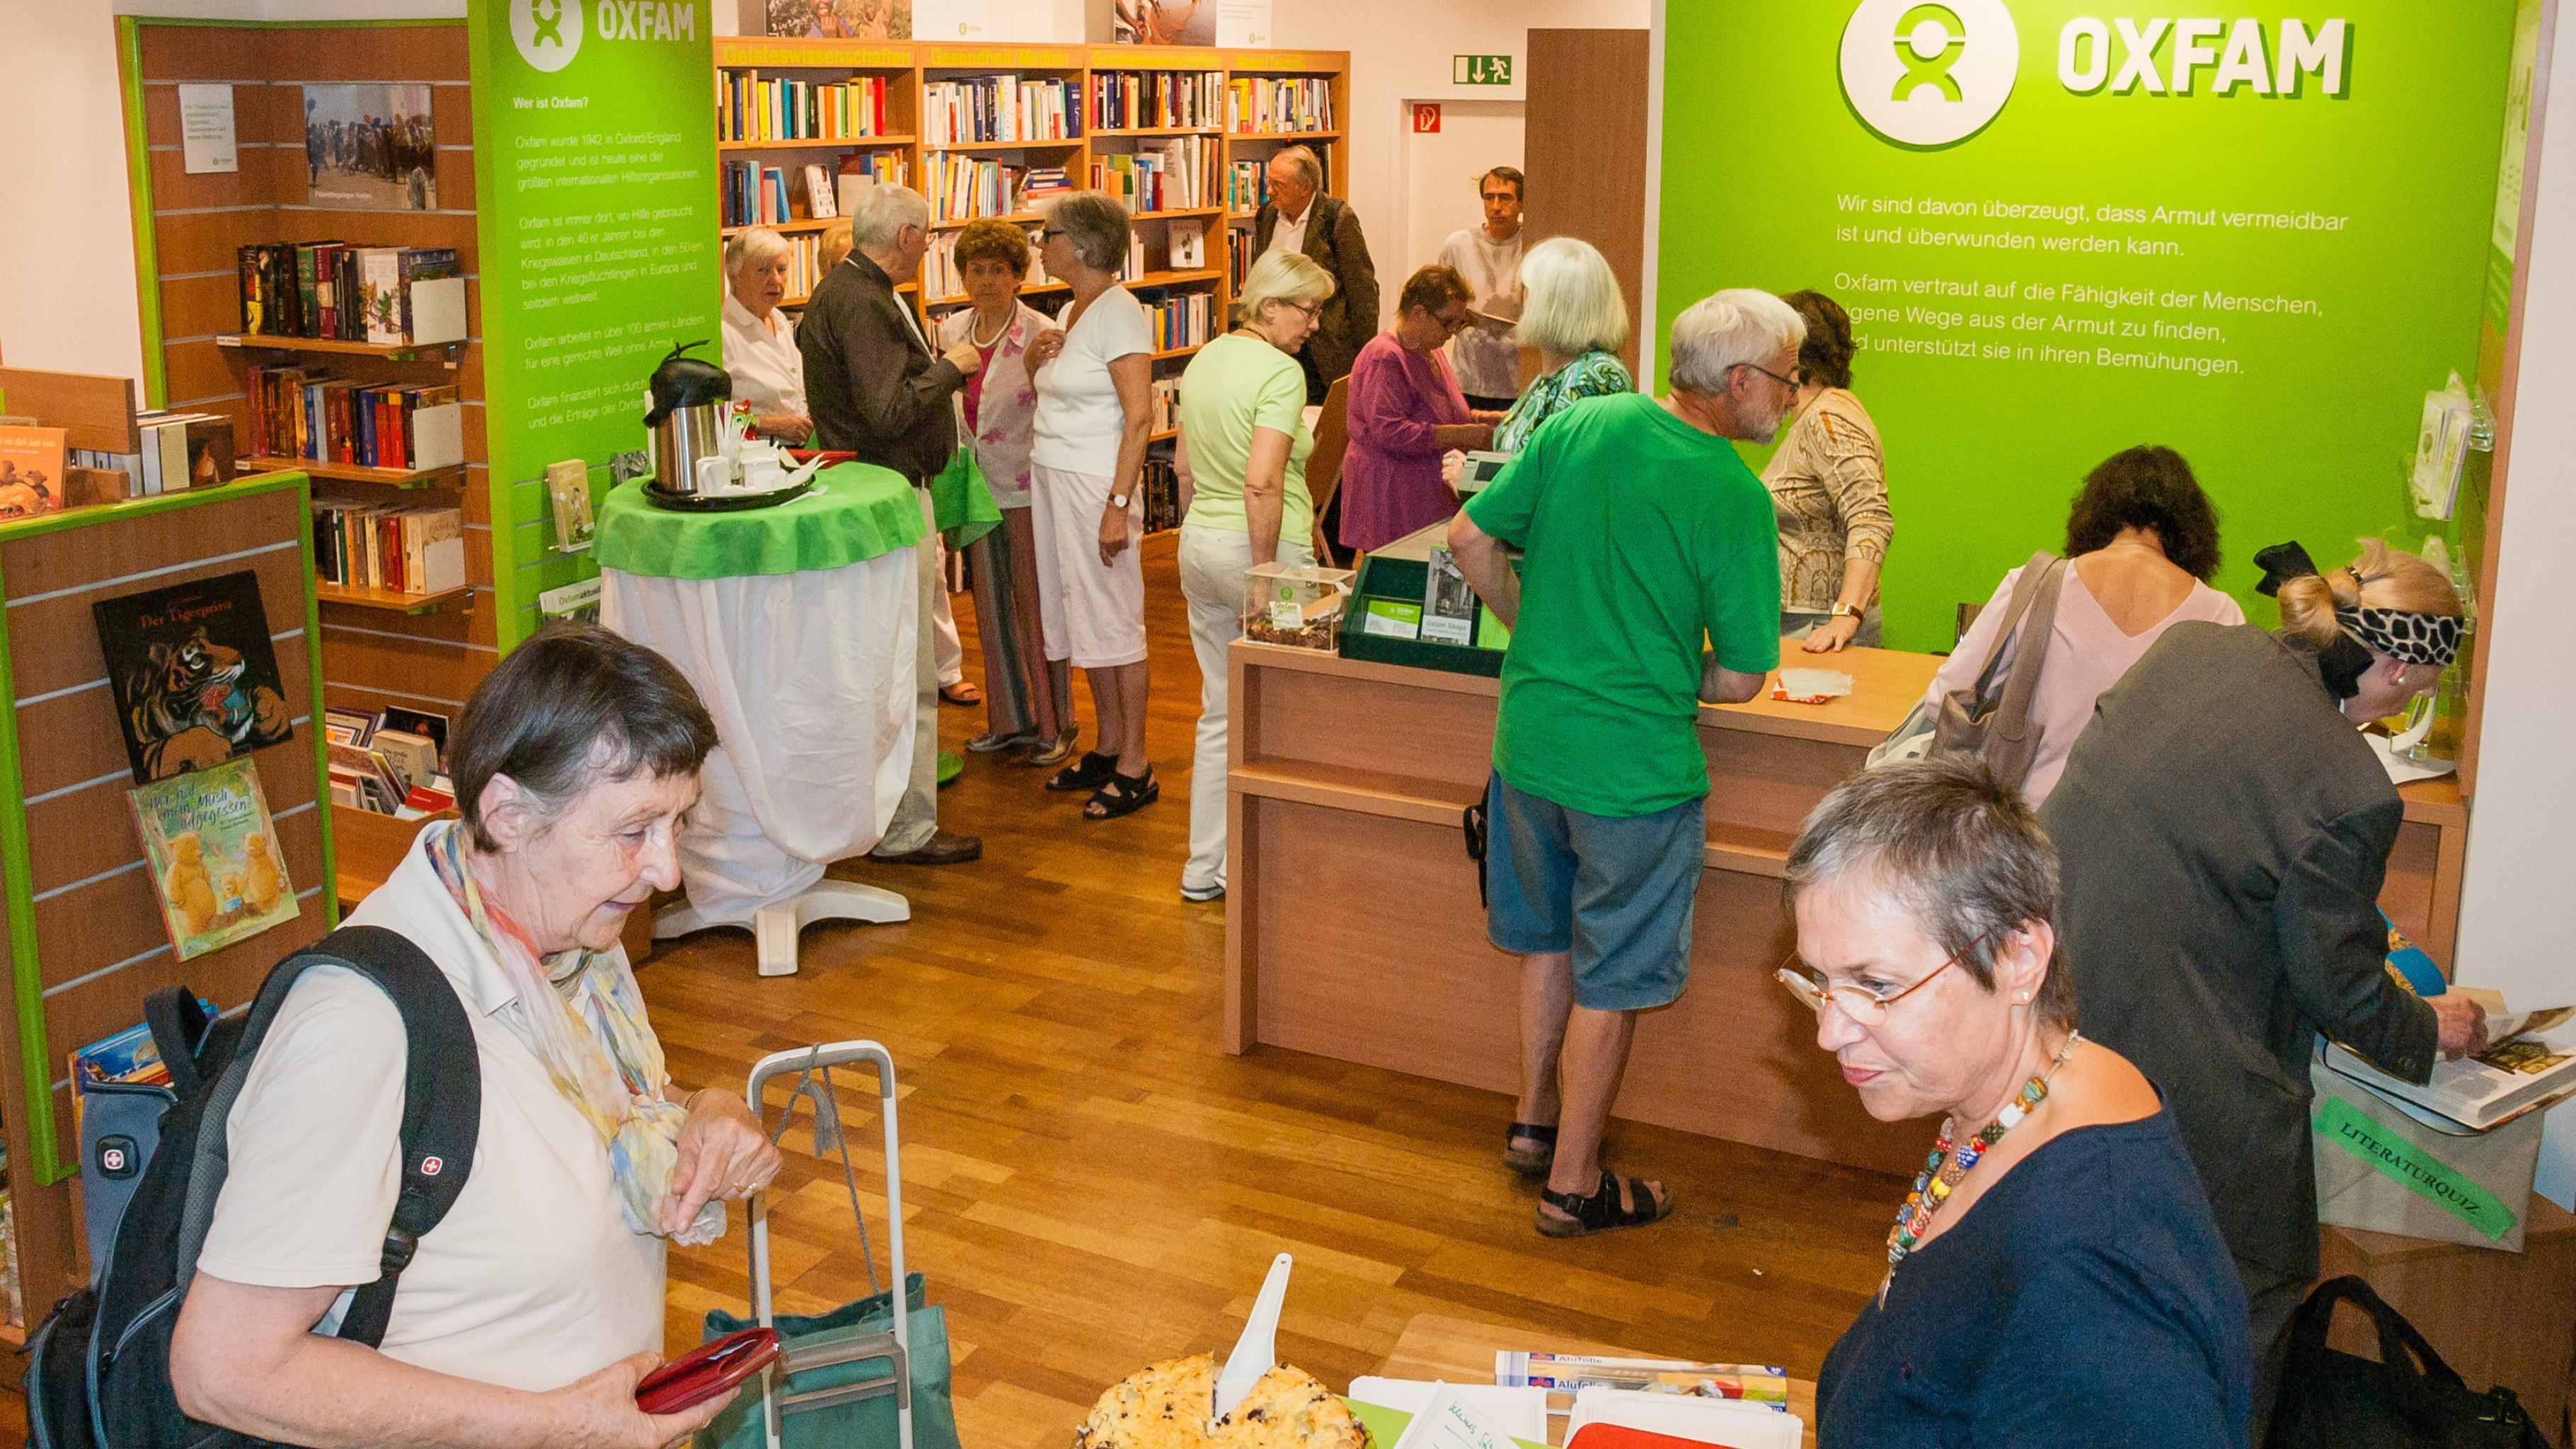 Oxfam Buchshop Frankfurt - Kunden